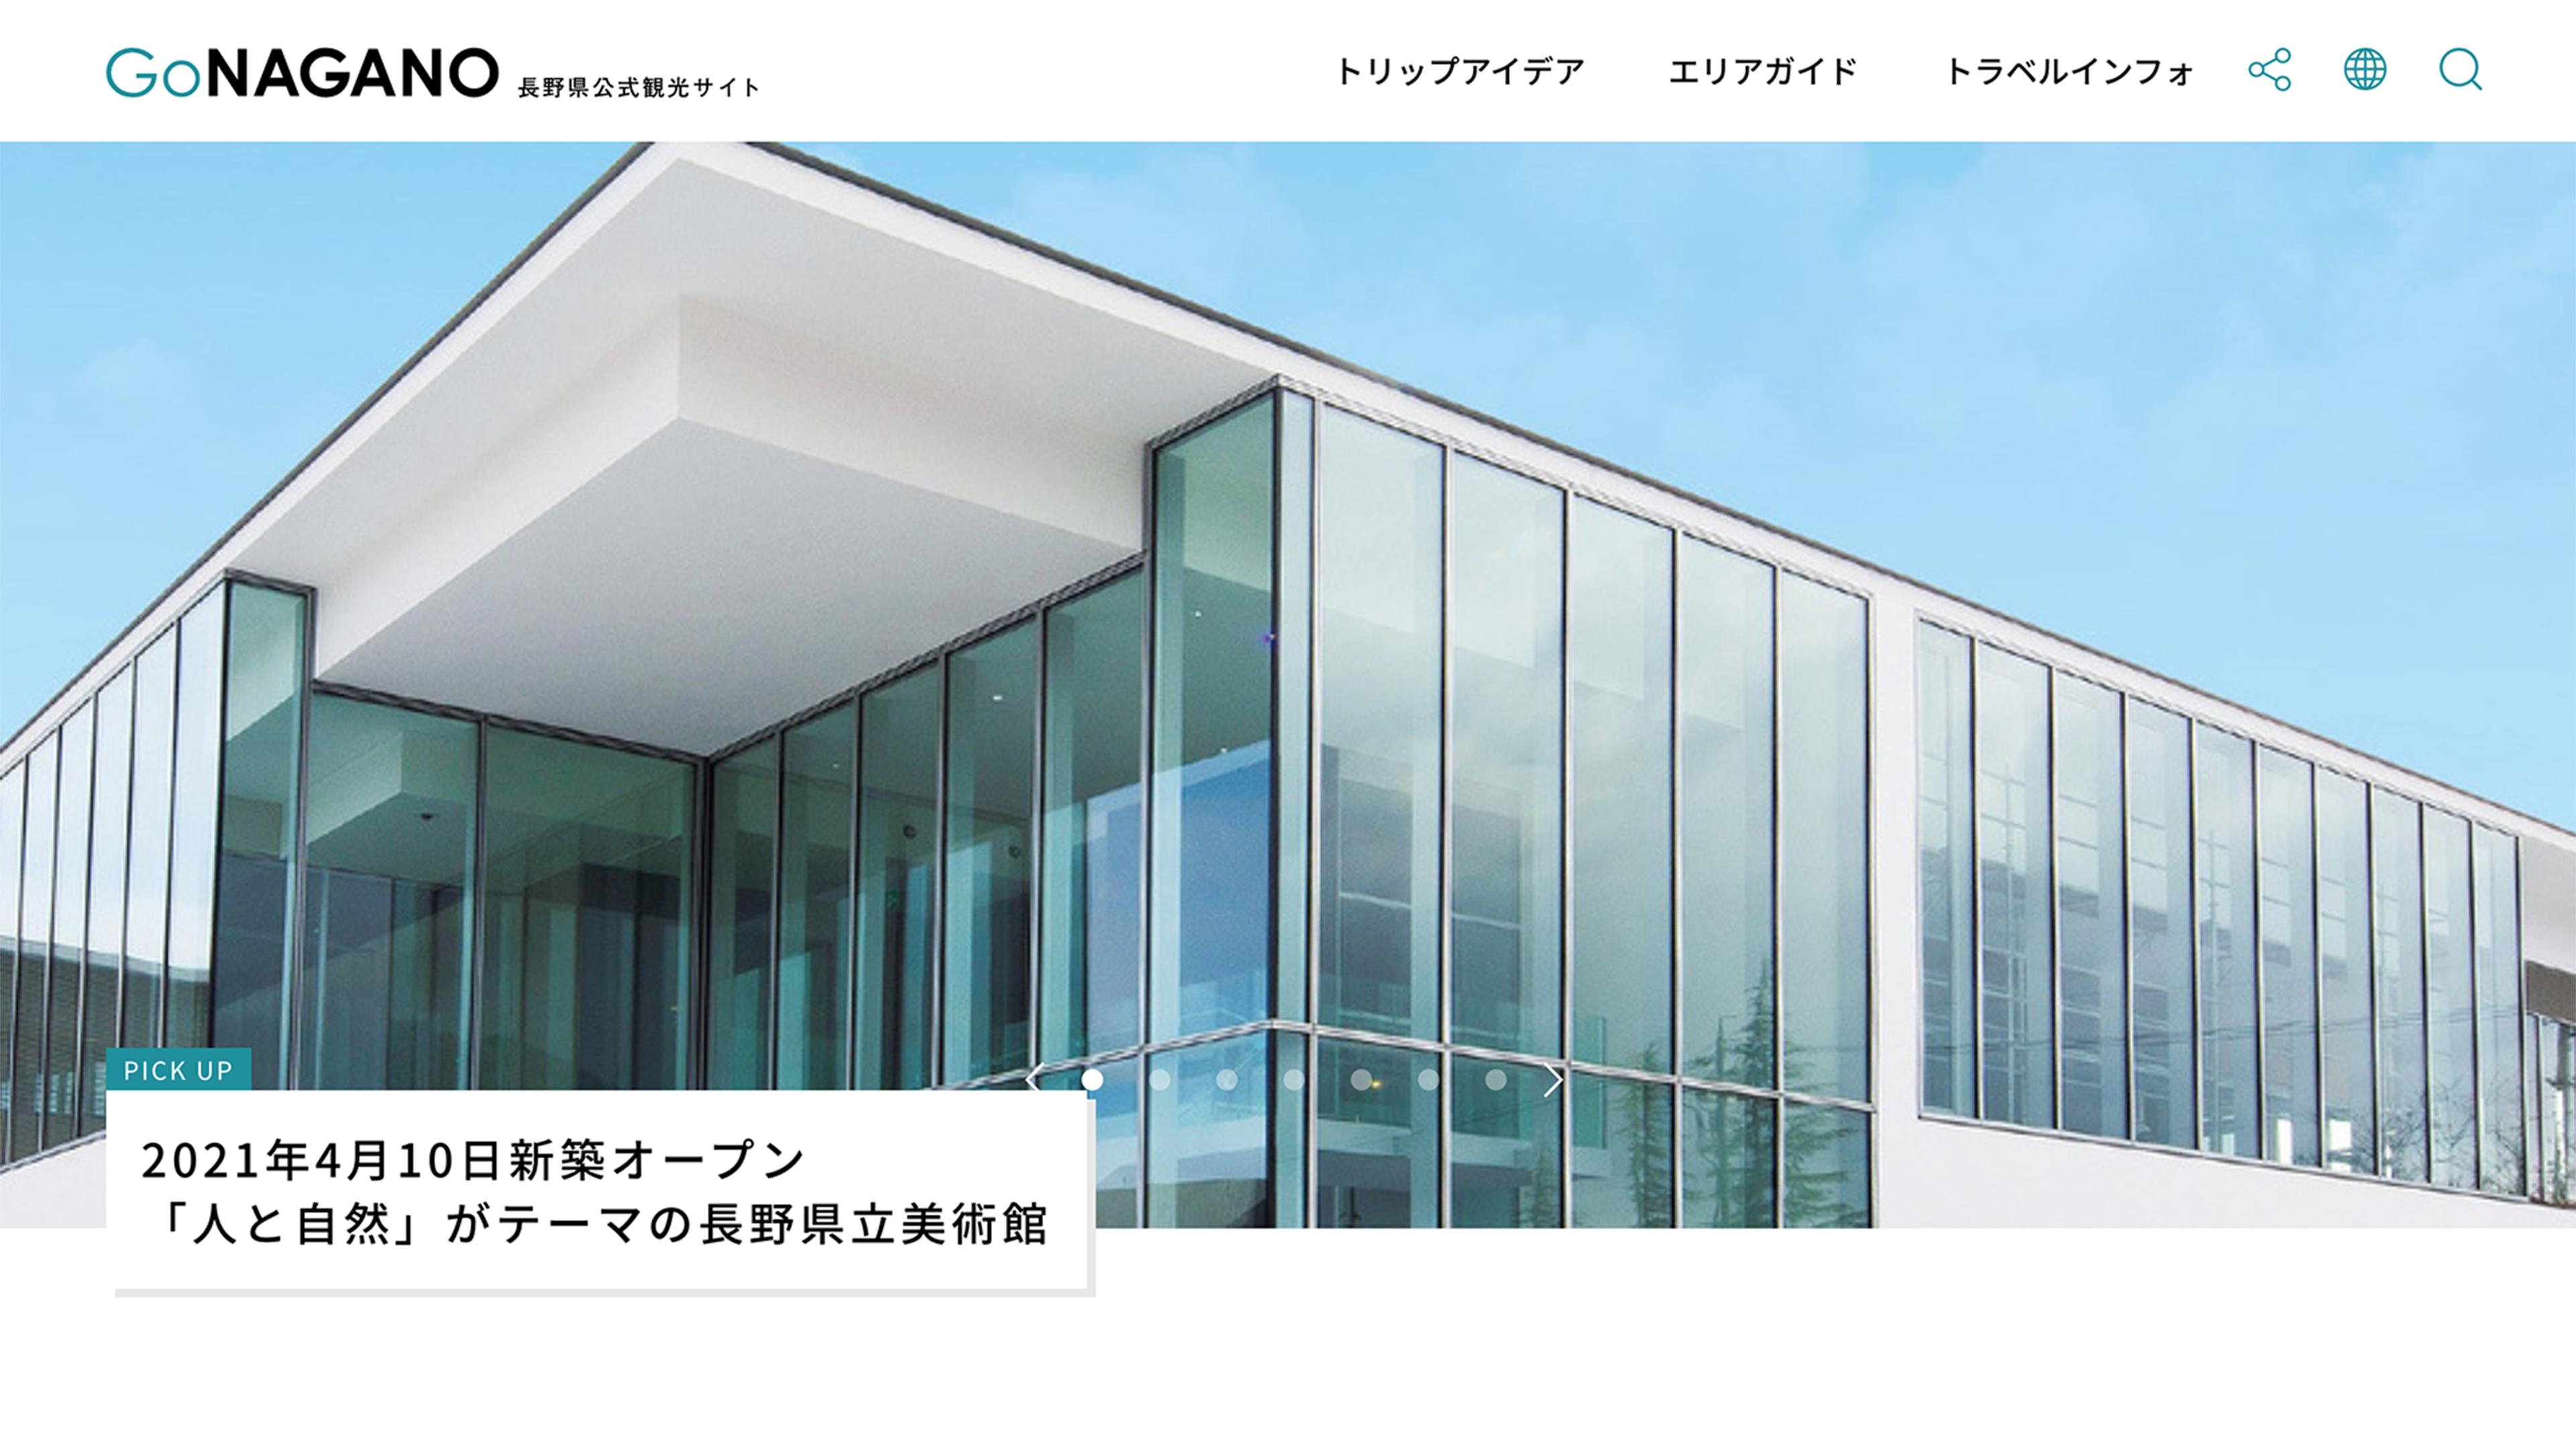 長野県公式観光サイト「Go NAGANO」